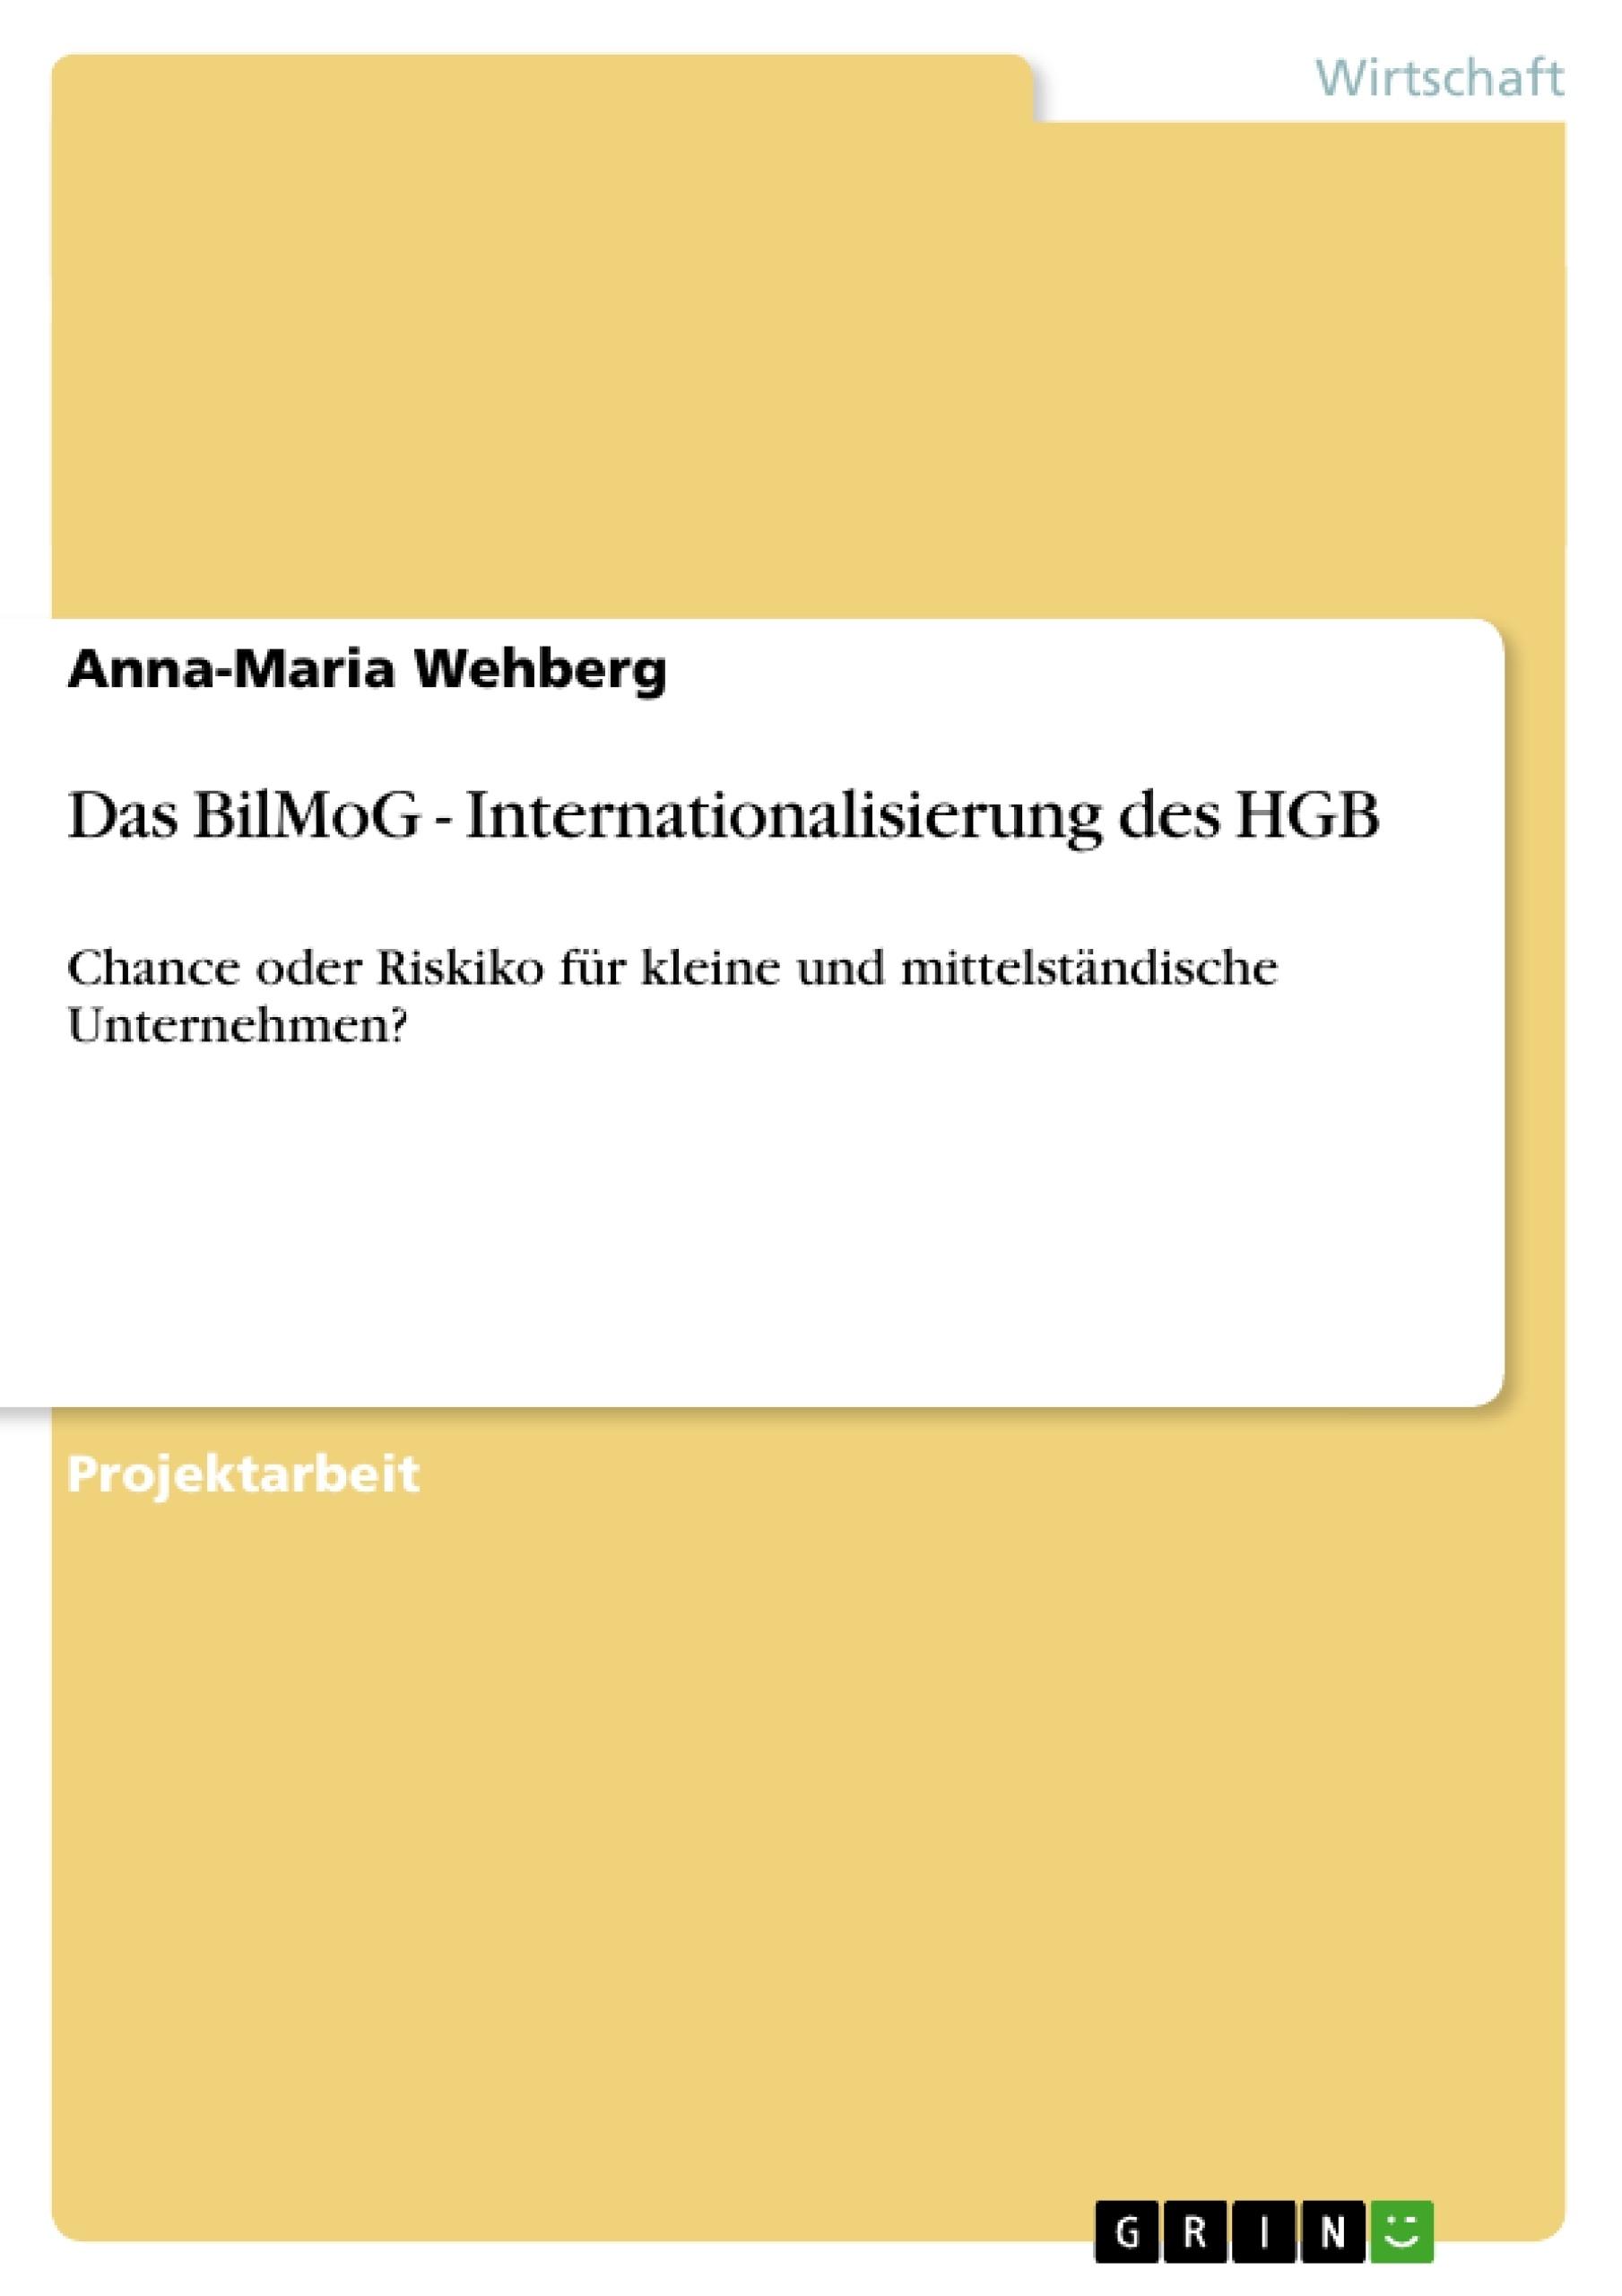 Titel: Das BilMoG - Internationalisierung des HGB